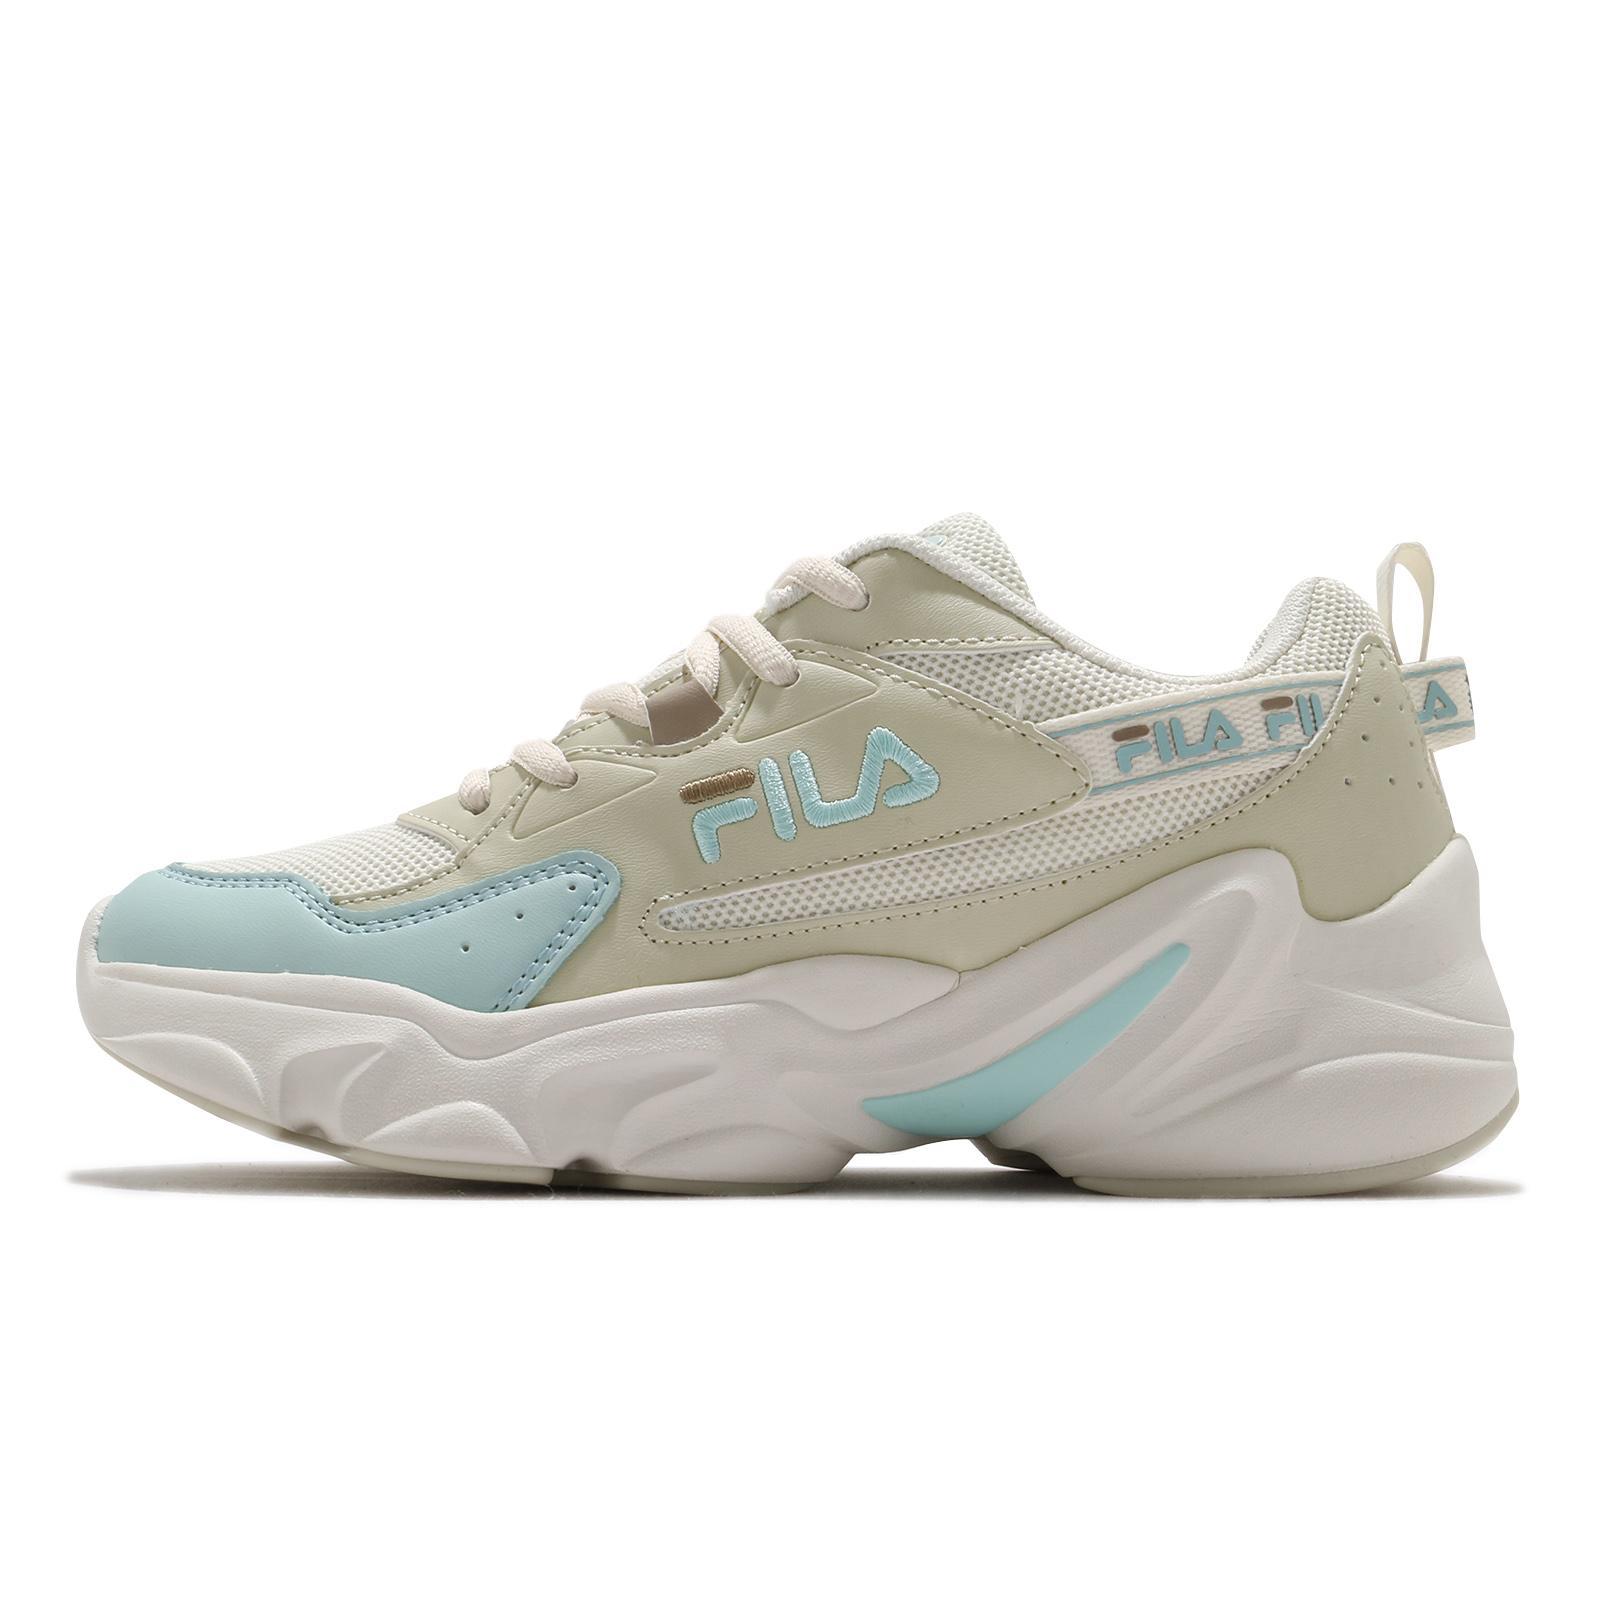 Fila 慢跑鞋 Hidden Tape 2 女鞋 米 綠 膠底 老爹鞋 運動鞋 【ACS】 5J329V-166